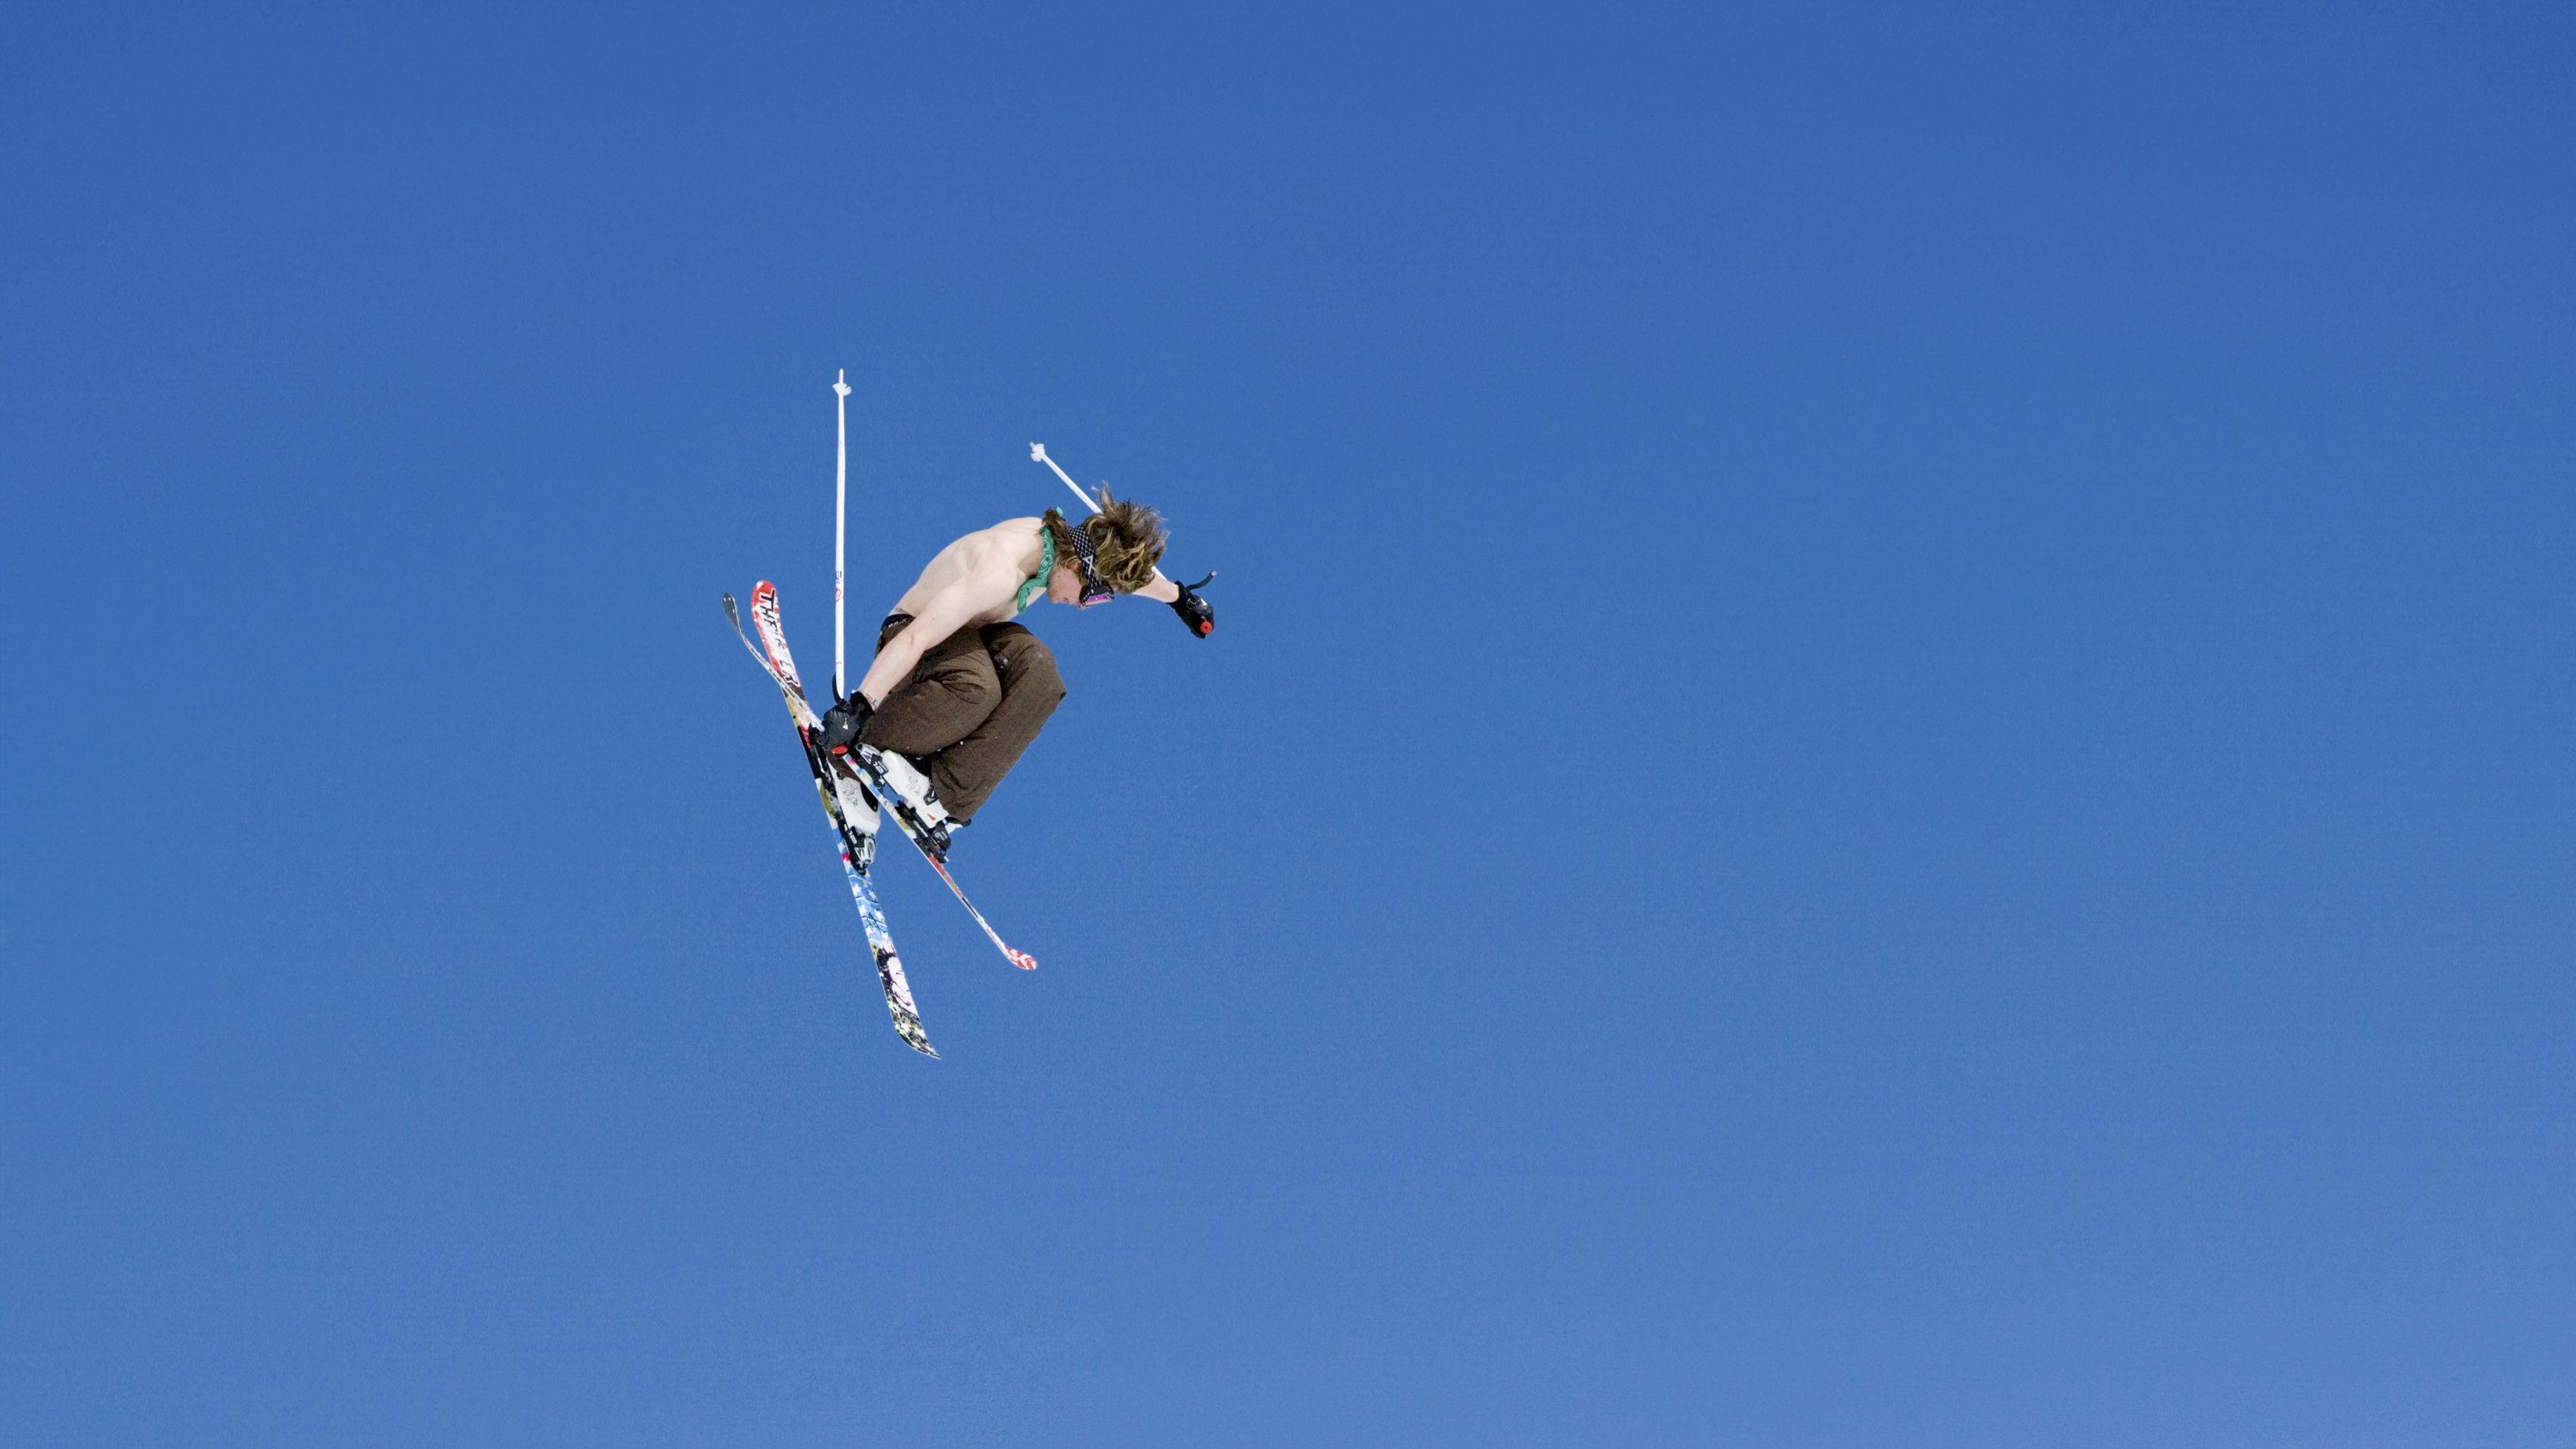 Symbolbild: Ein Freestyle Skiprofi bei einem Sprung.